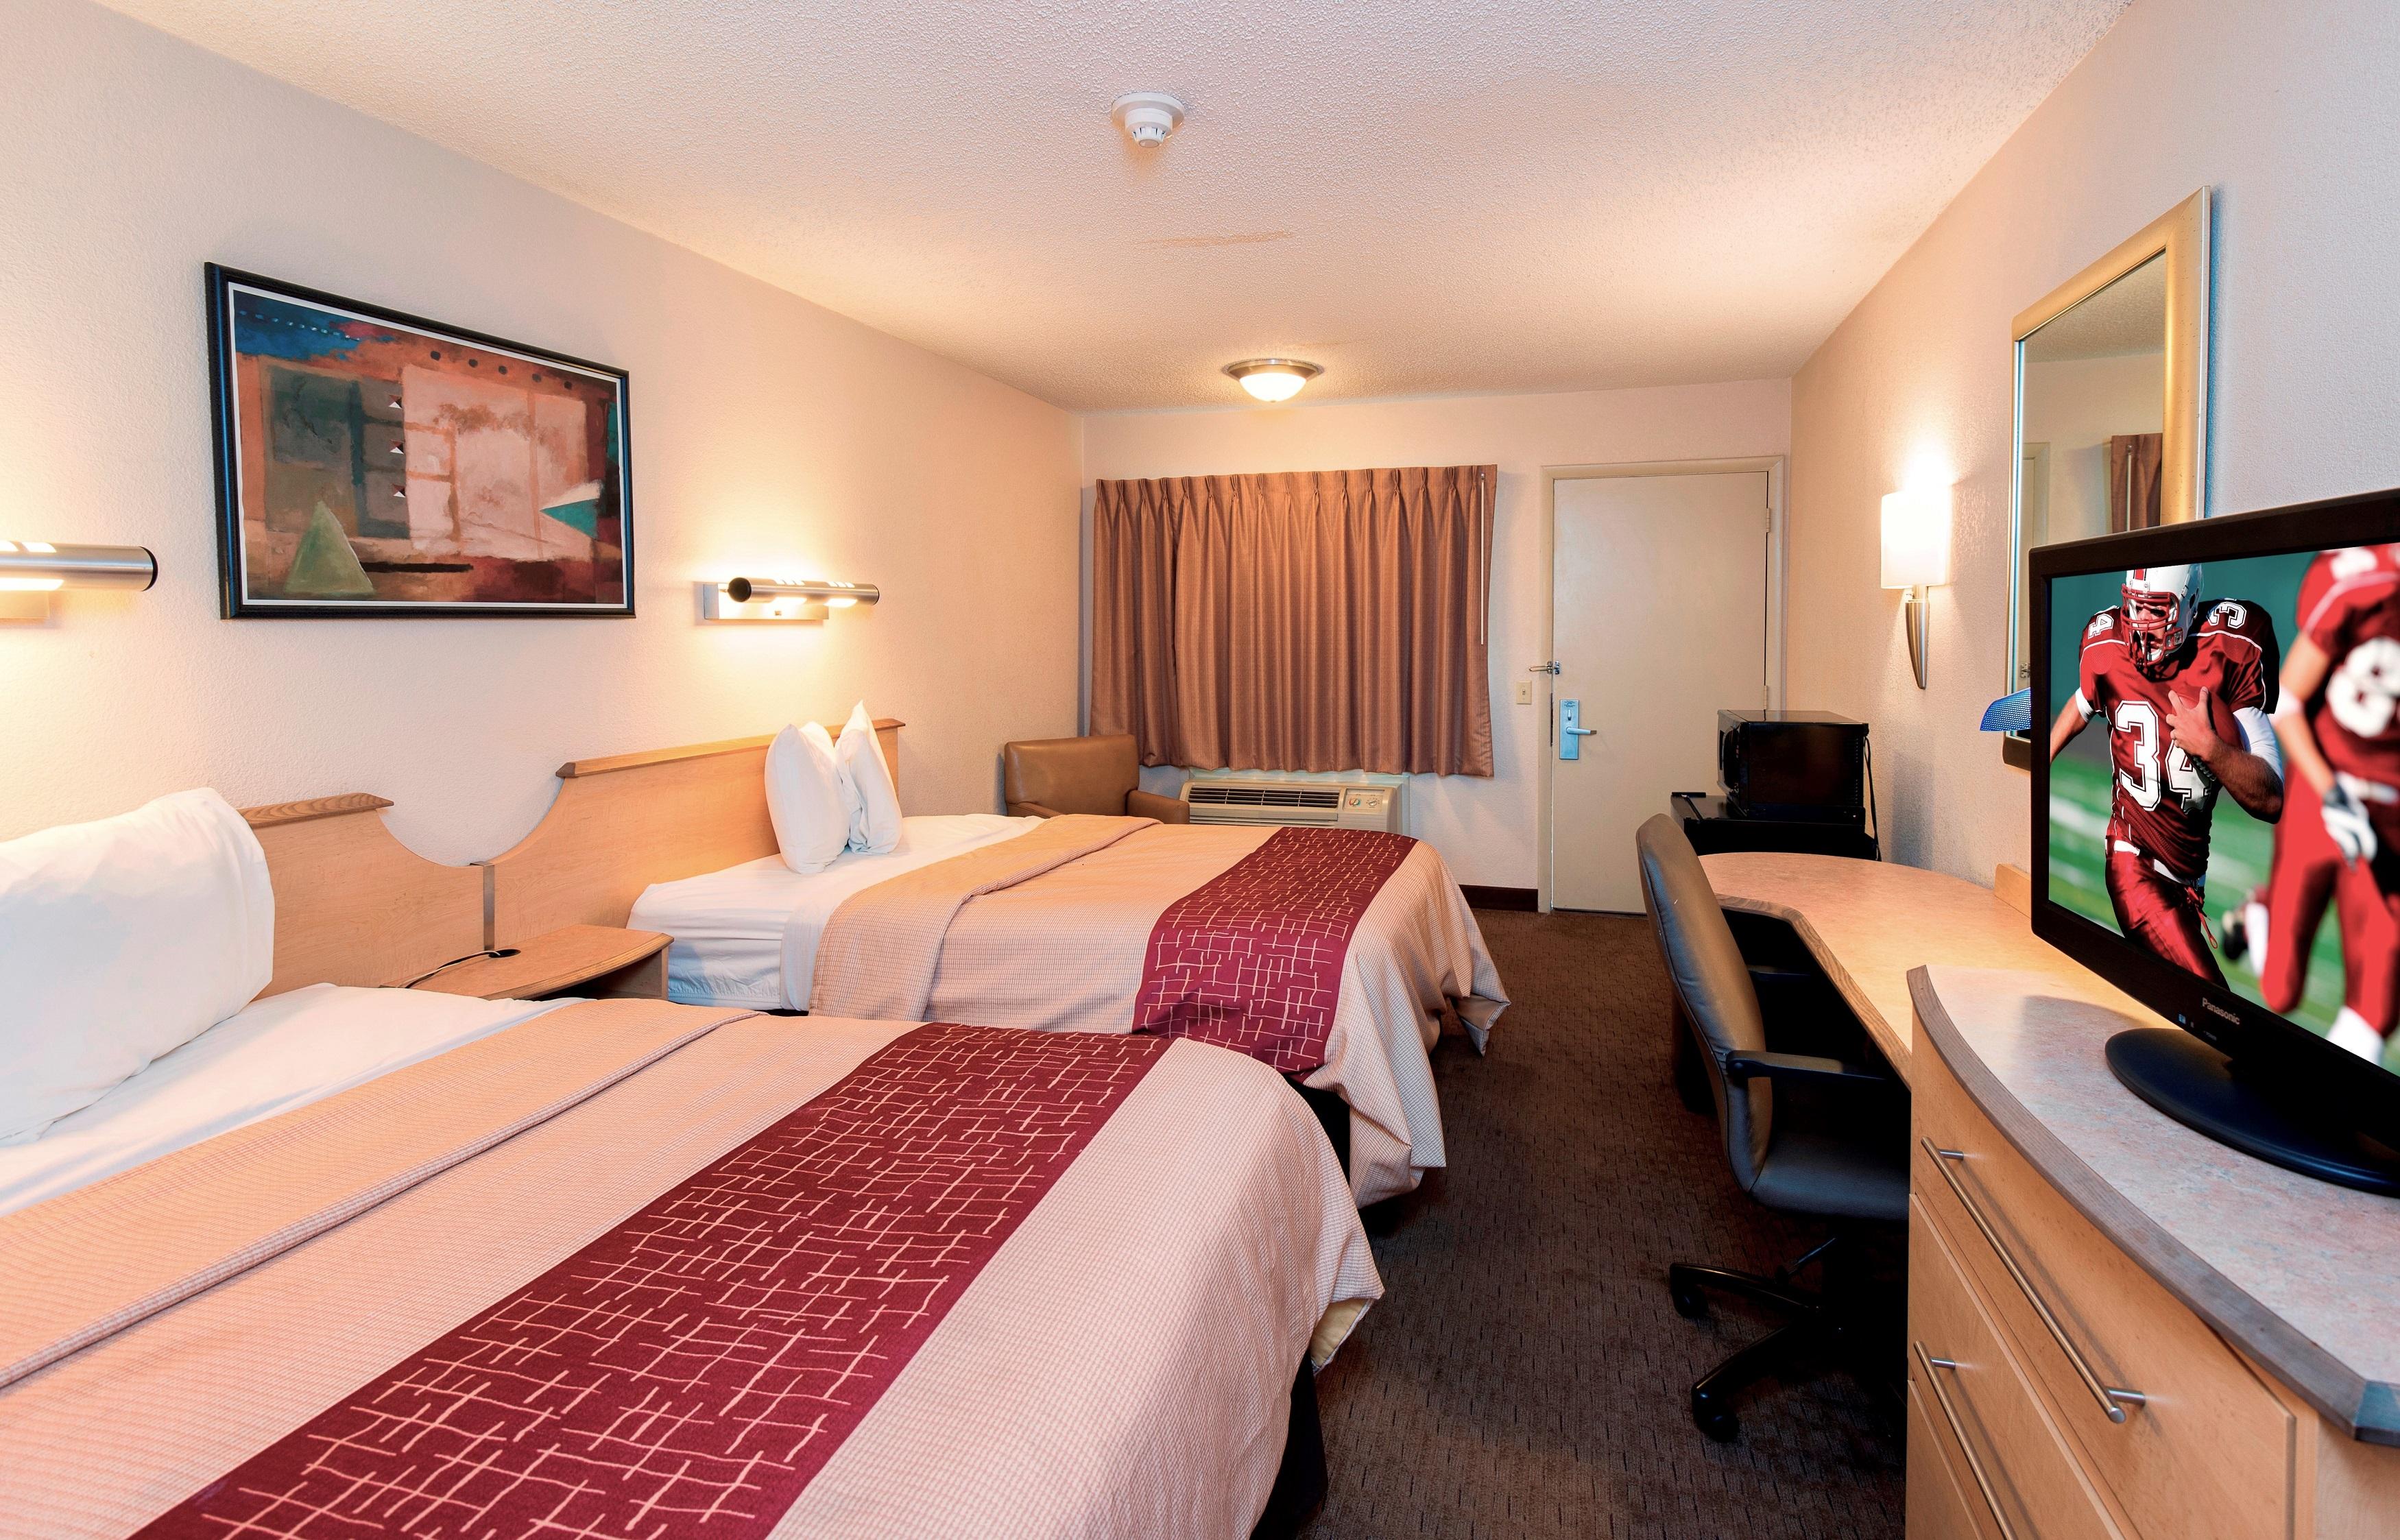 223-deluxe-2-full-beds.jpg